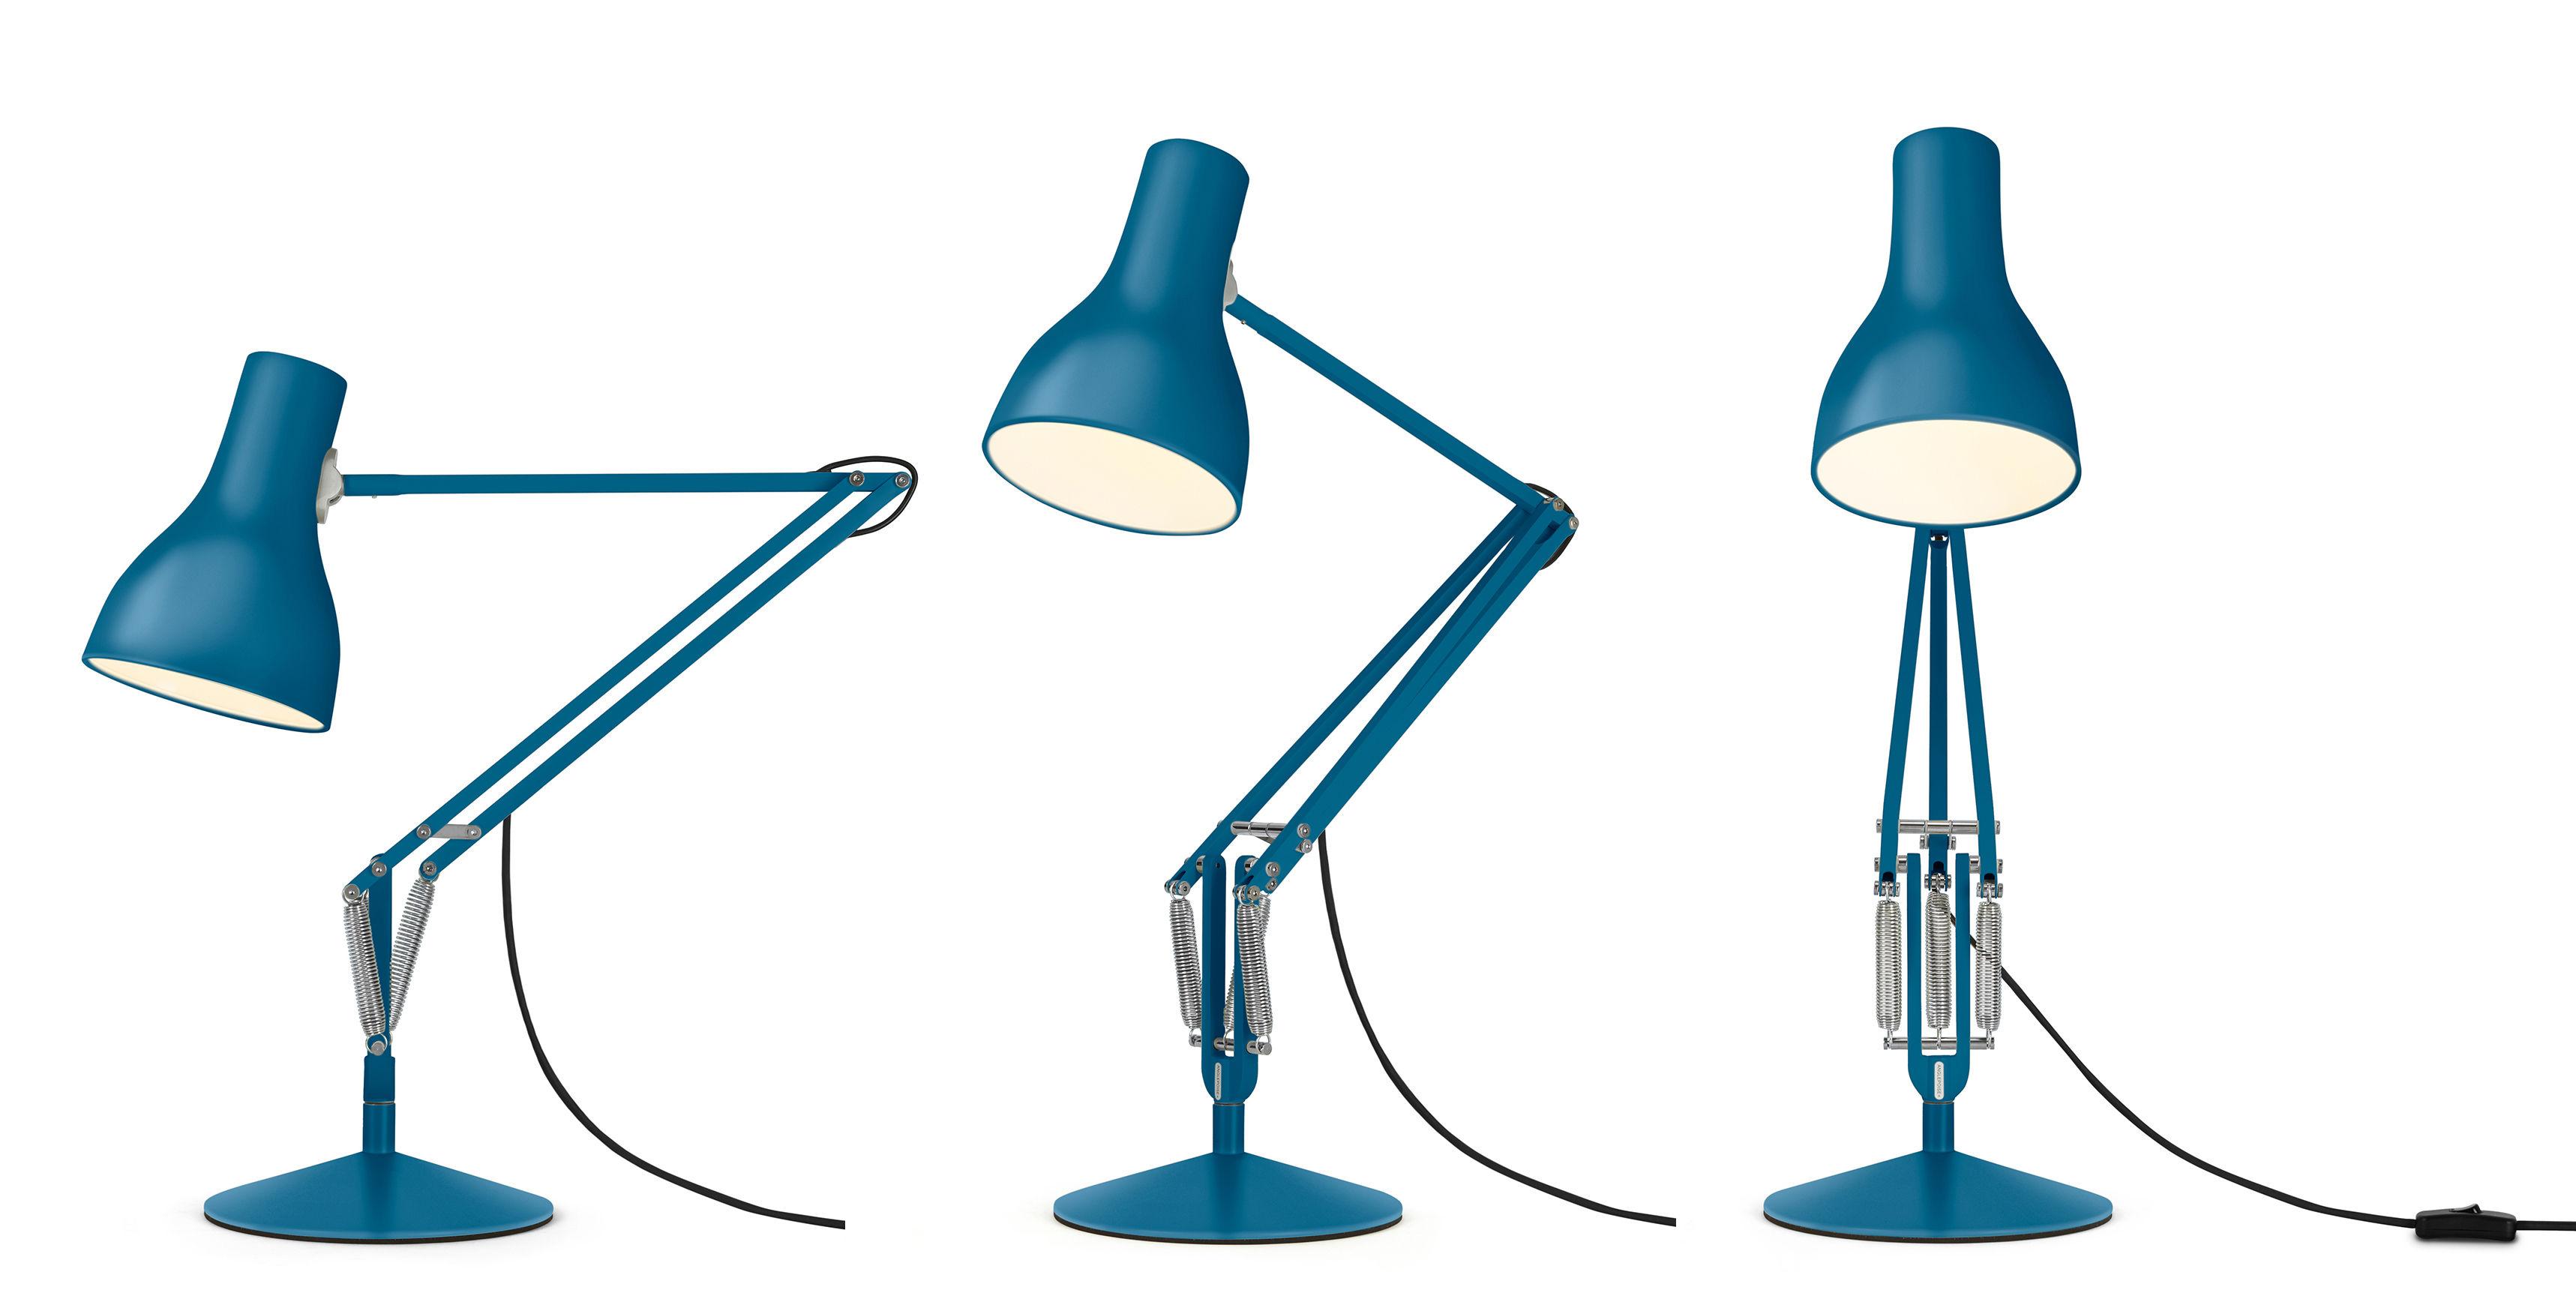 Lampe de table type 75 by margaret howell edition limit e bleu saxon anglepoise - Luminaire industriel la giant collection par anglepoise ...